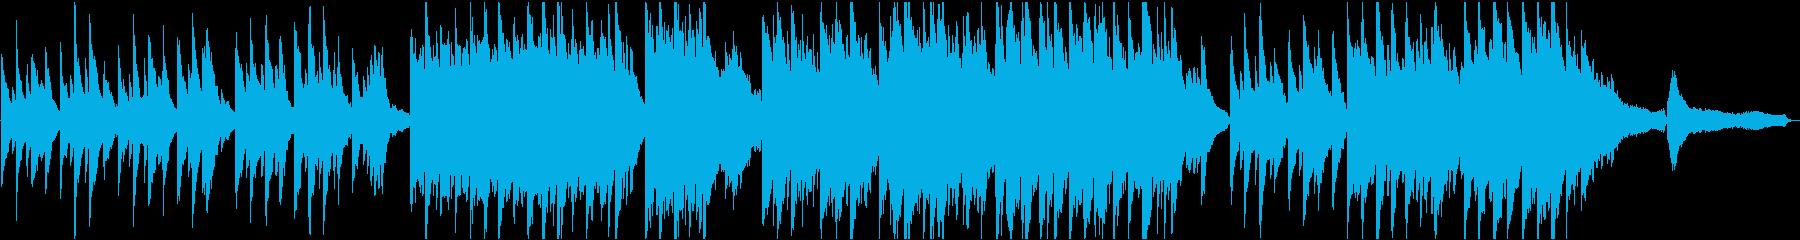 企業VP34 16bit48kHzVerの再生済みの波形